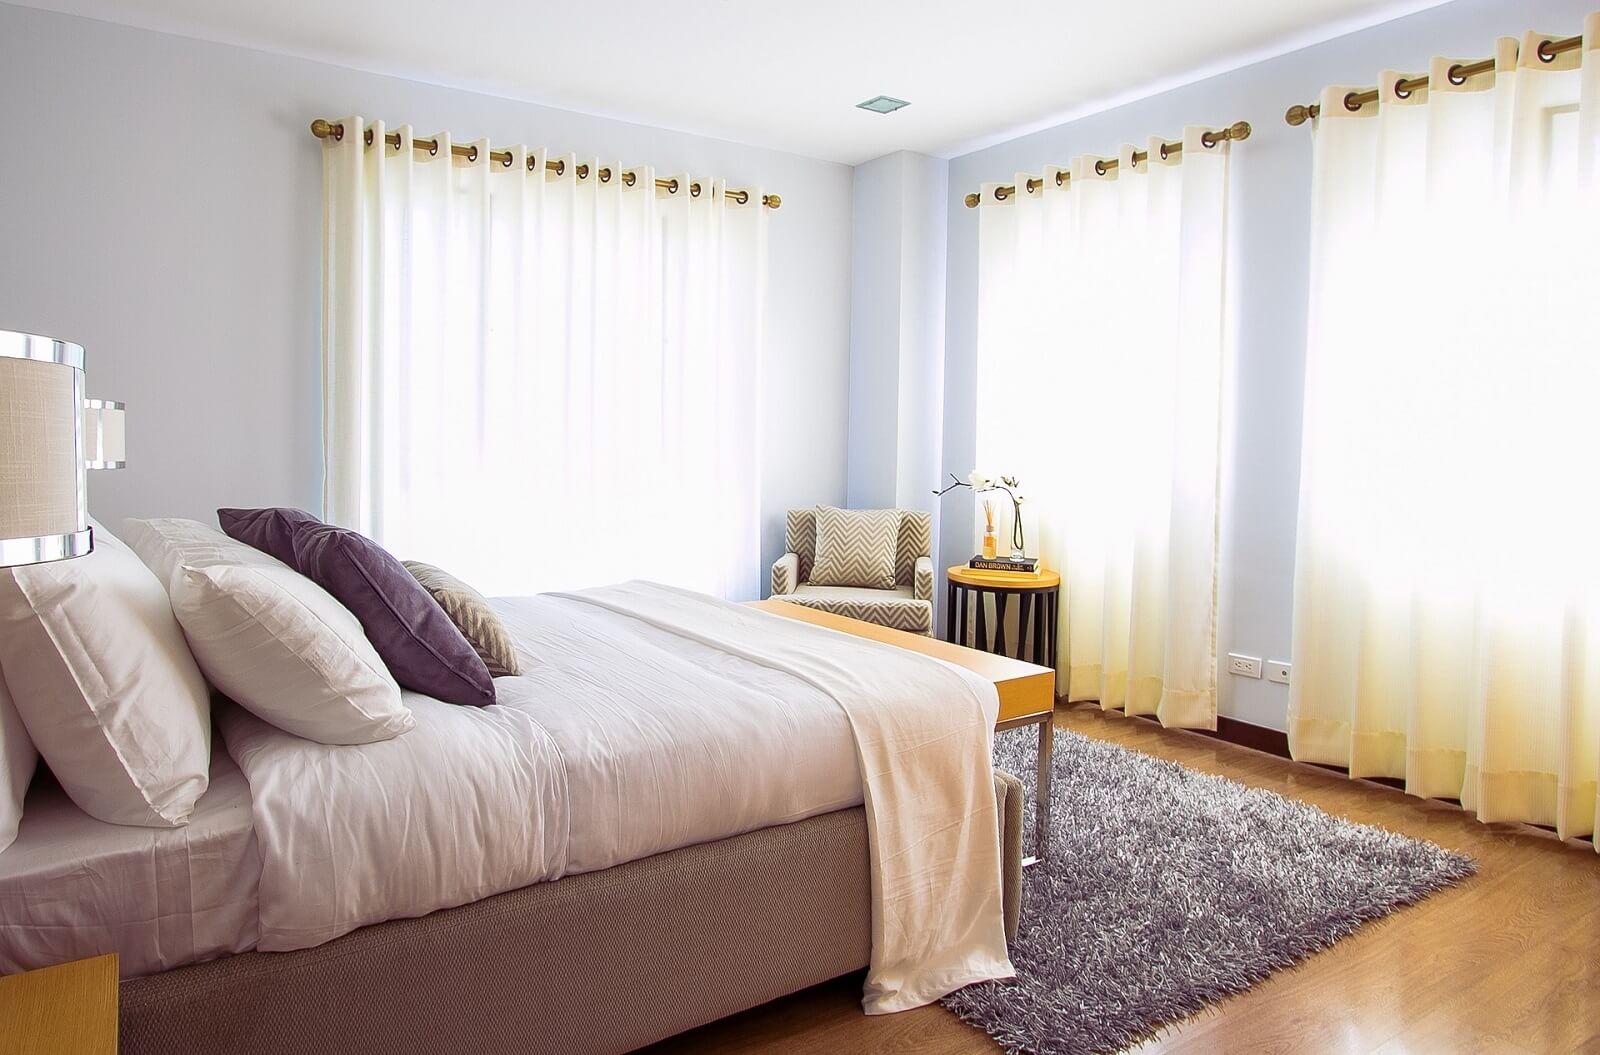 Sypialnia z firanami